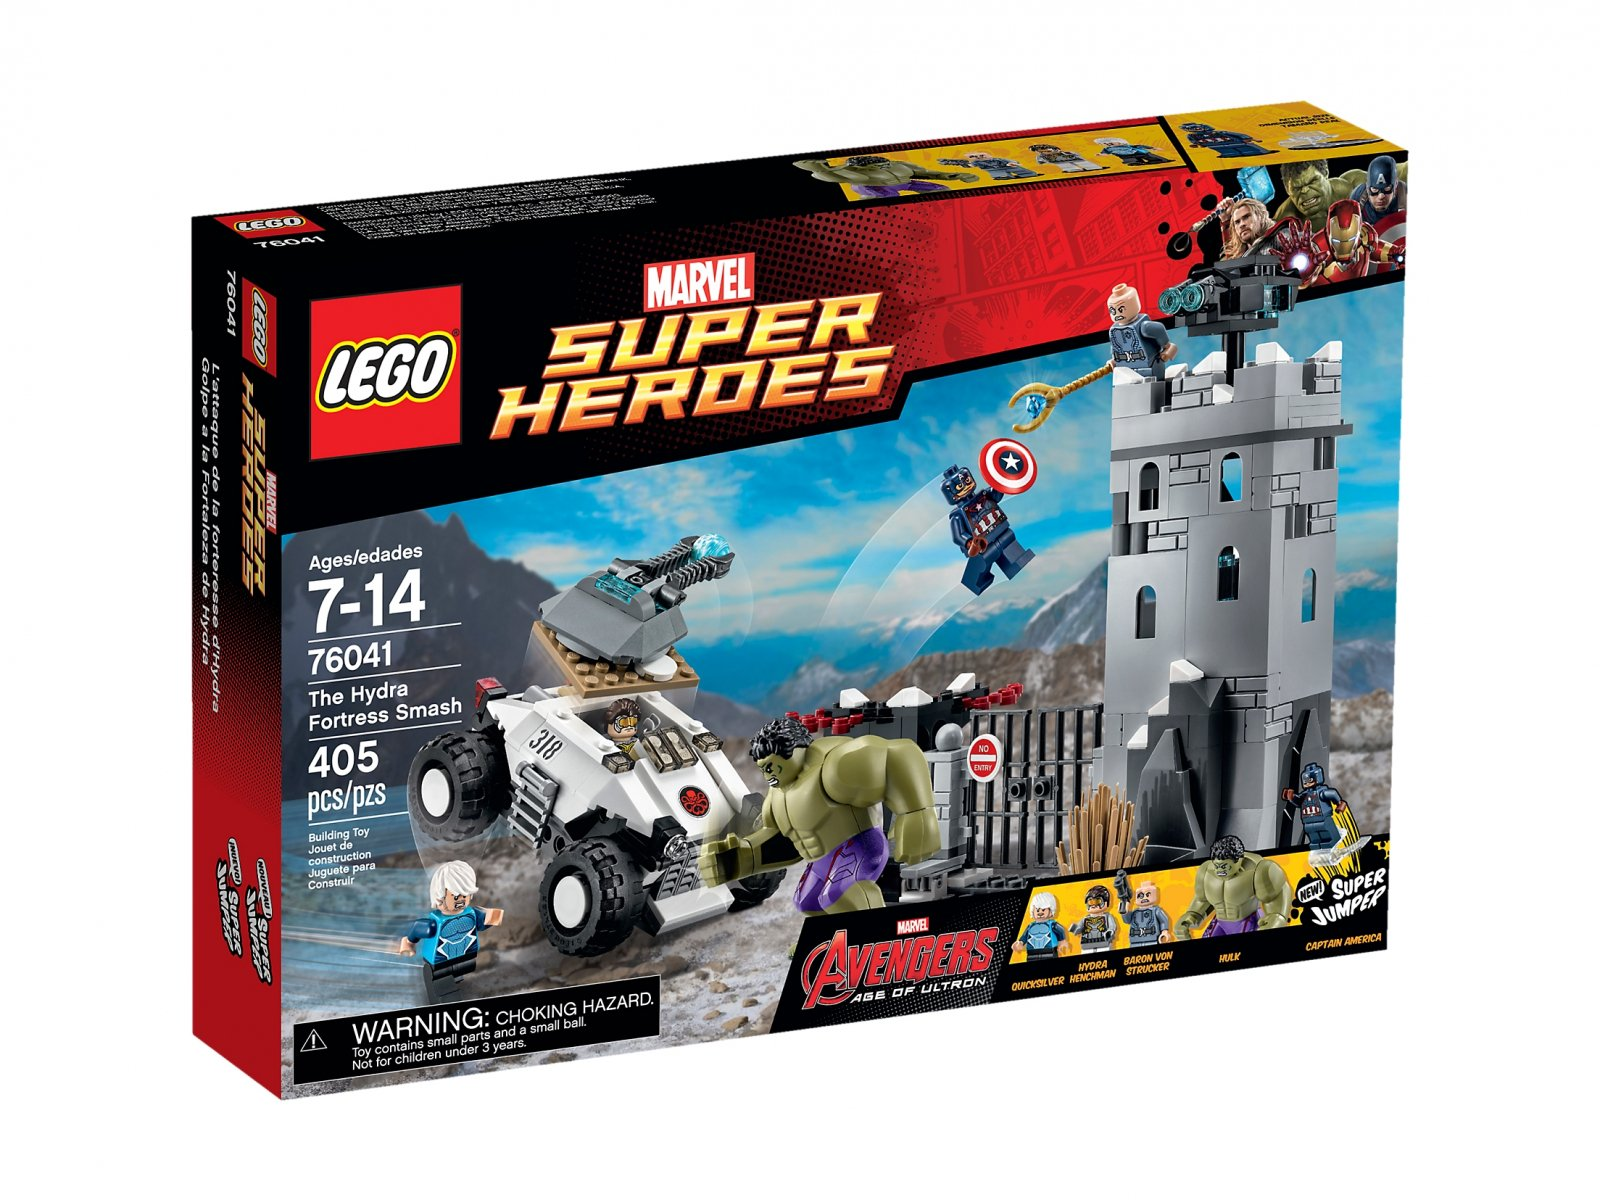 LEGO Marvel Super Heroes Demolka w Fortecy Hydry